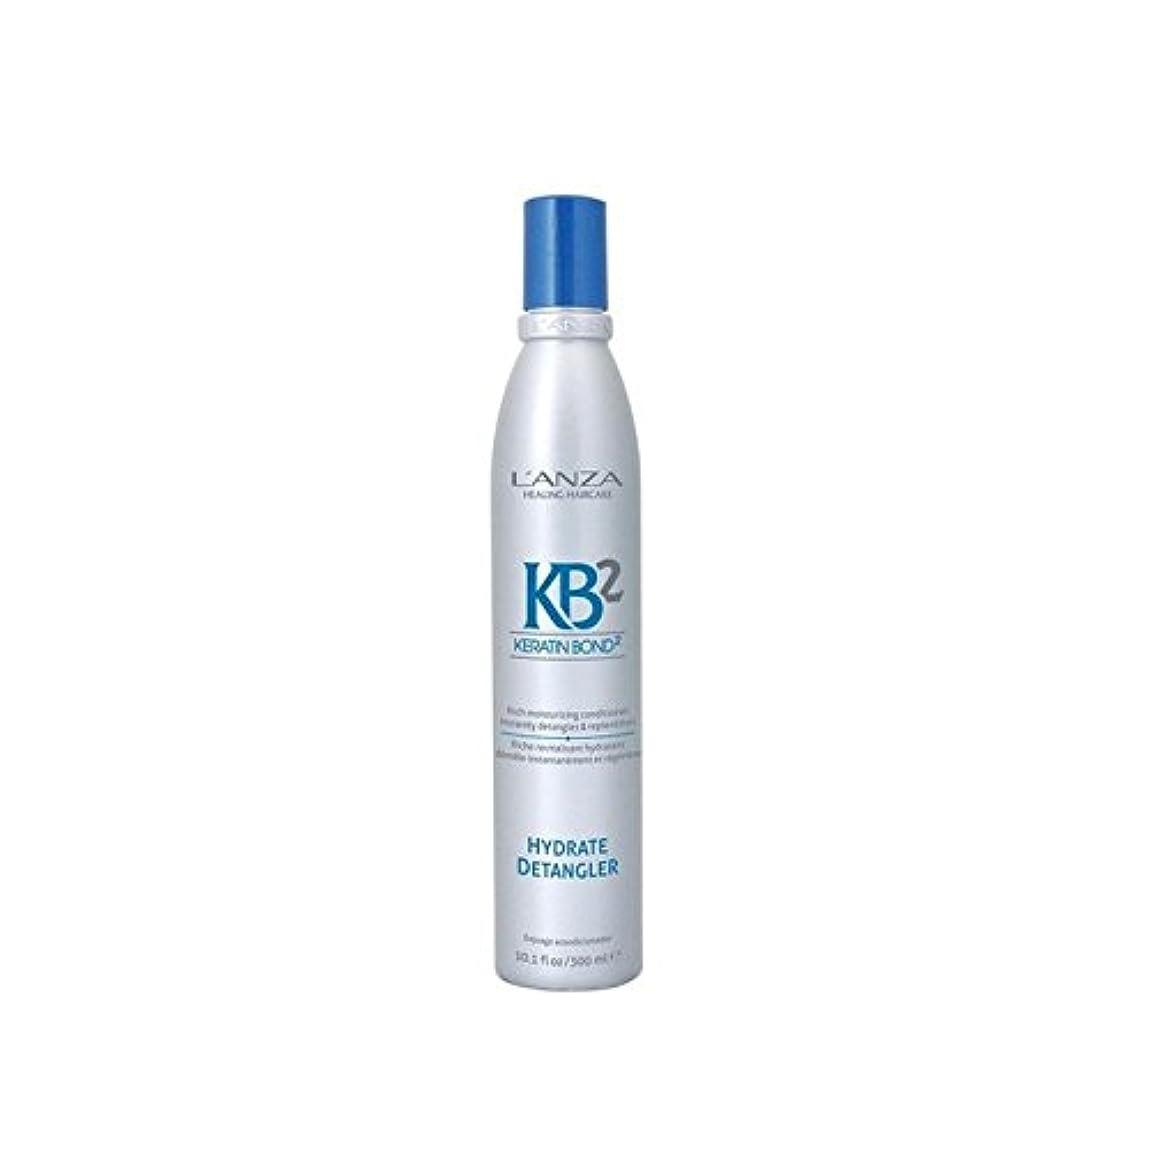 高架日記落花生アンザ2和物(300ミリリットル) x4 - L'Anza Kb2 Hydrate Detangler (300ml) (Pack of 4) [並行輸入品]